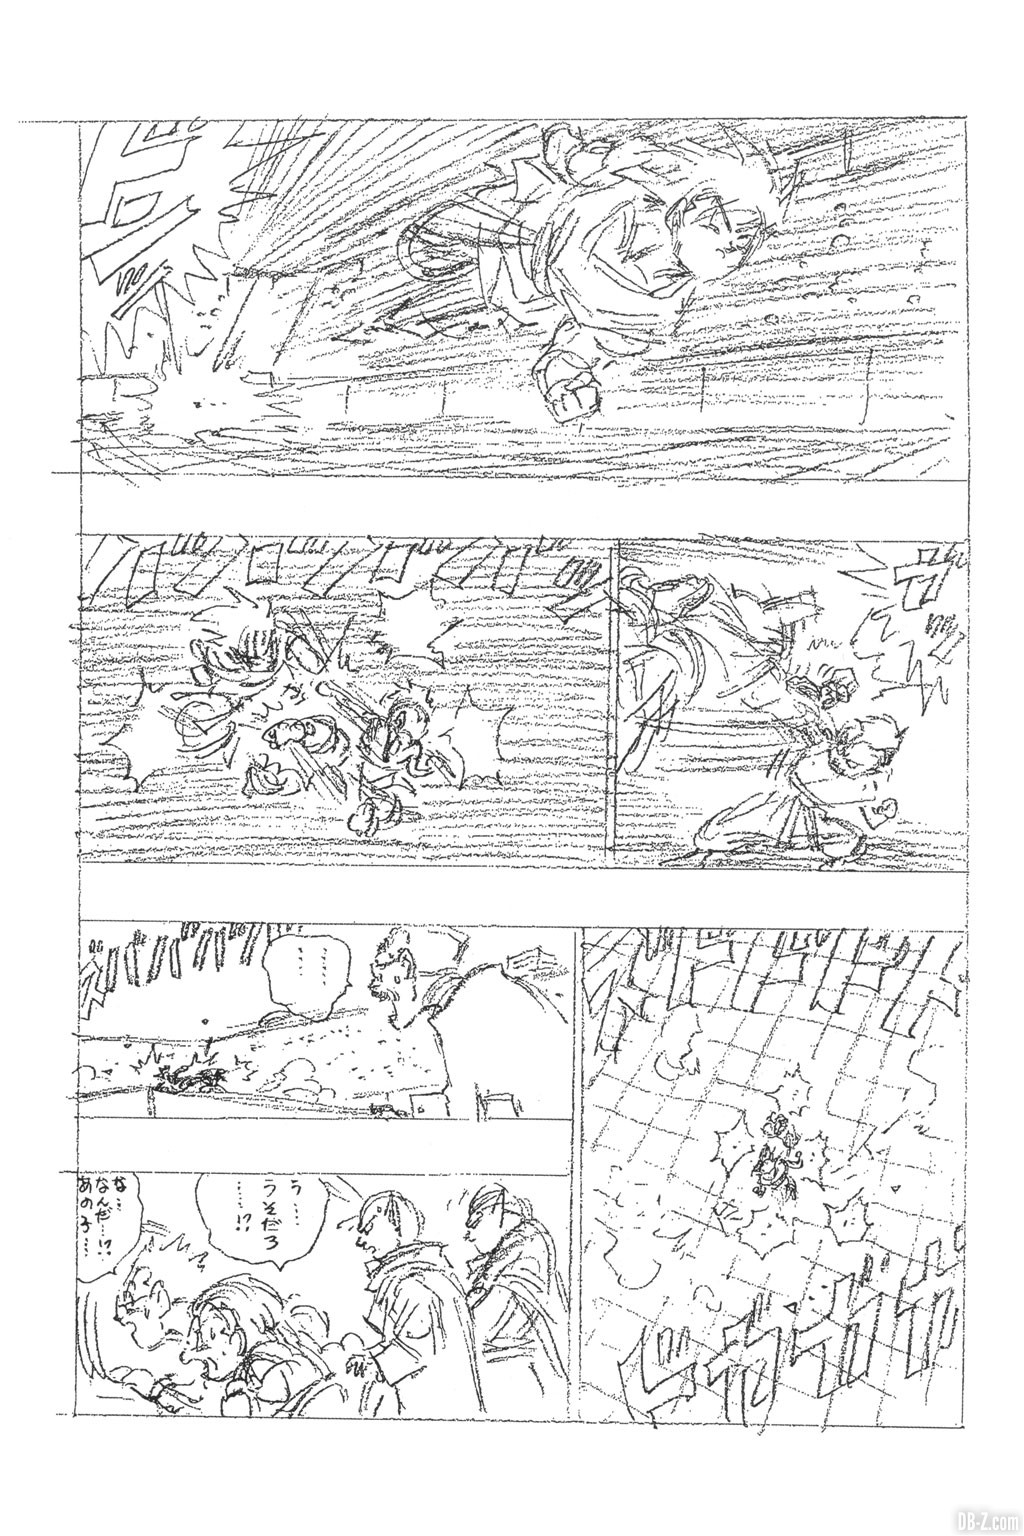 Brouillon Akira Toriyama Dernier Chapitre de Dragon Ball Page 13